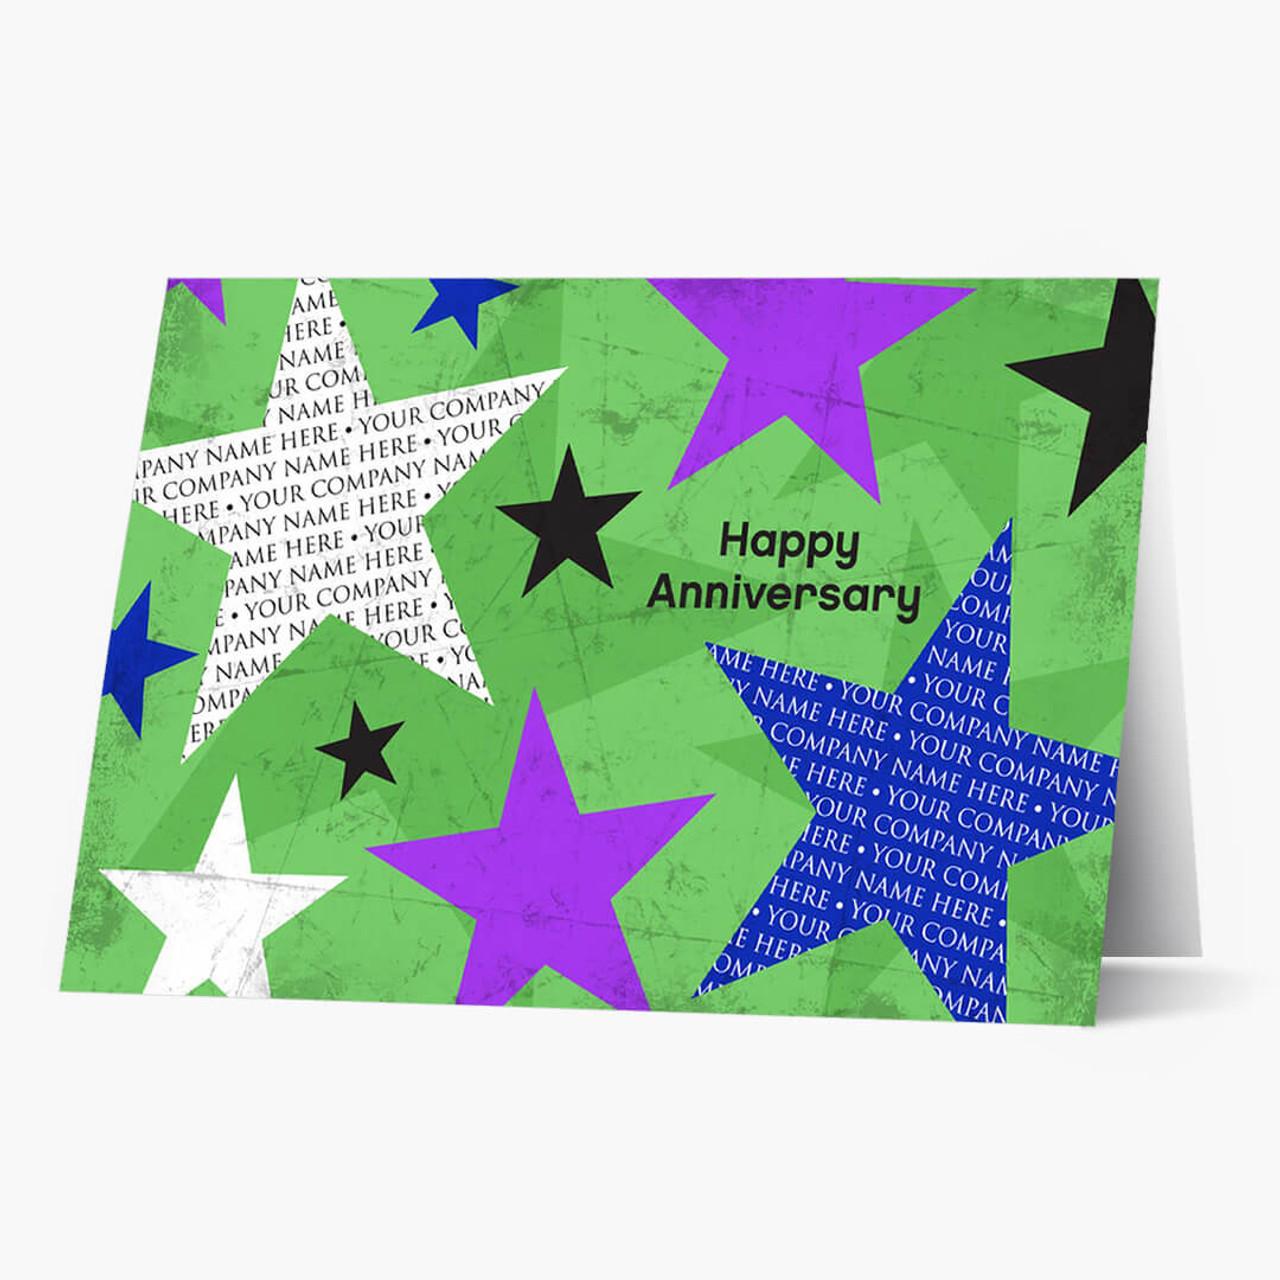 Employee Star Anniversary Card